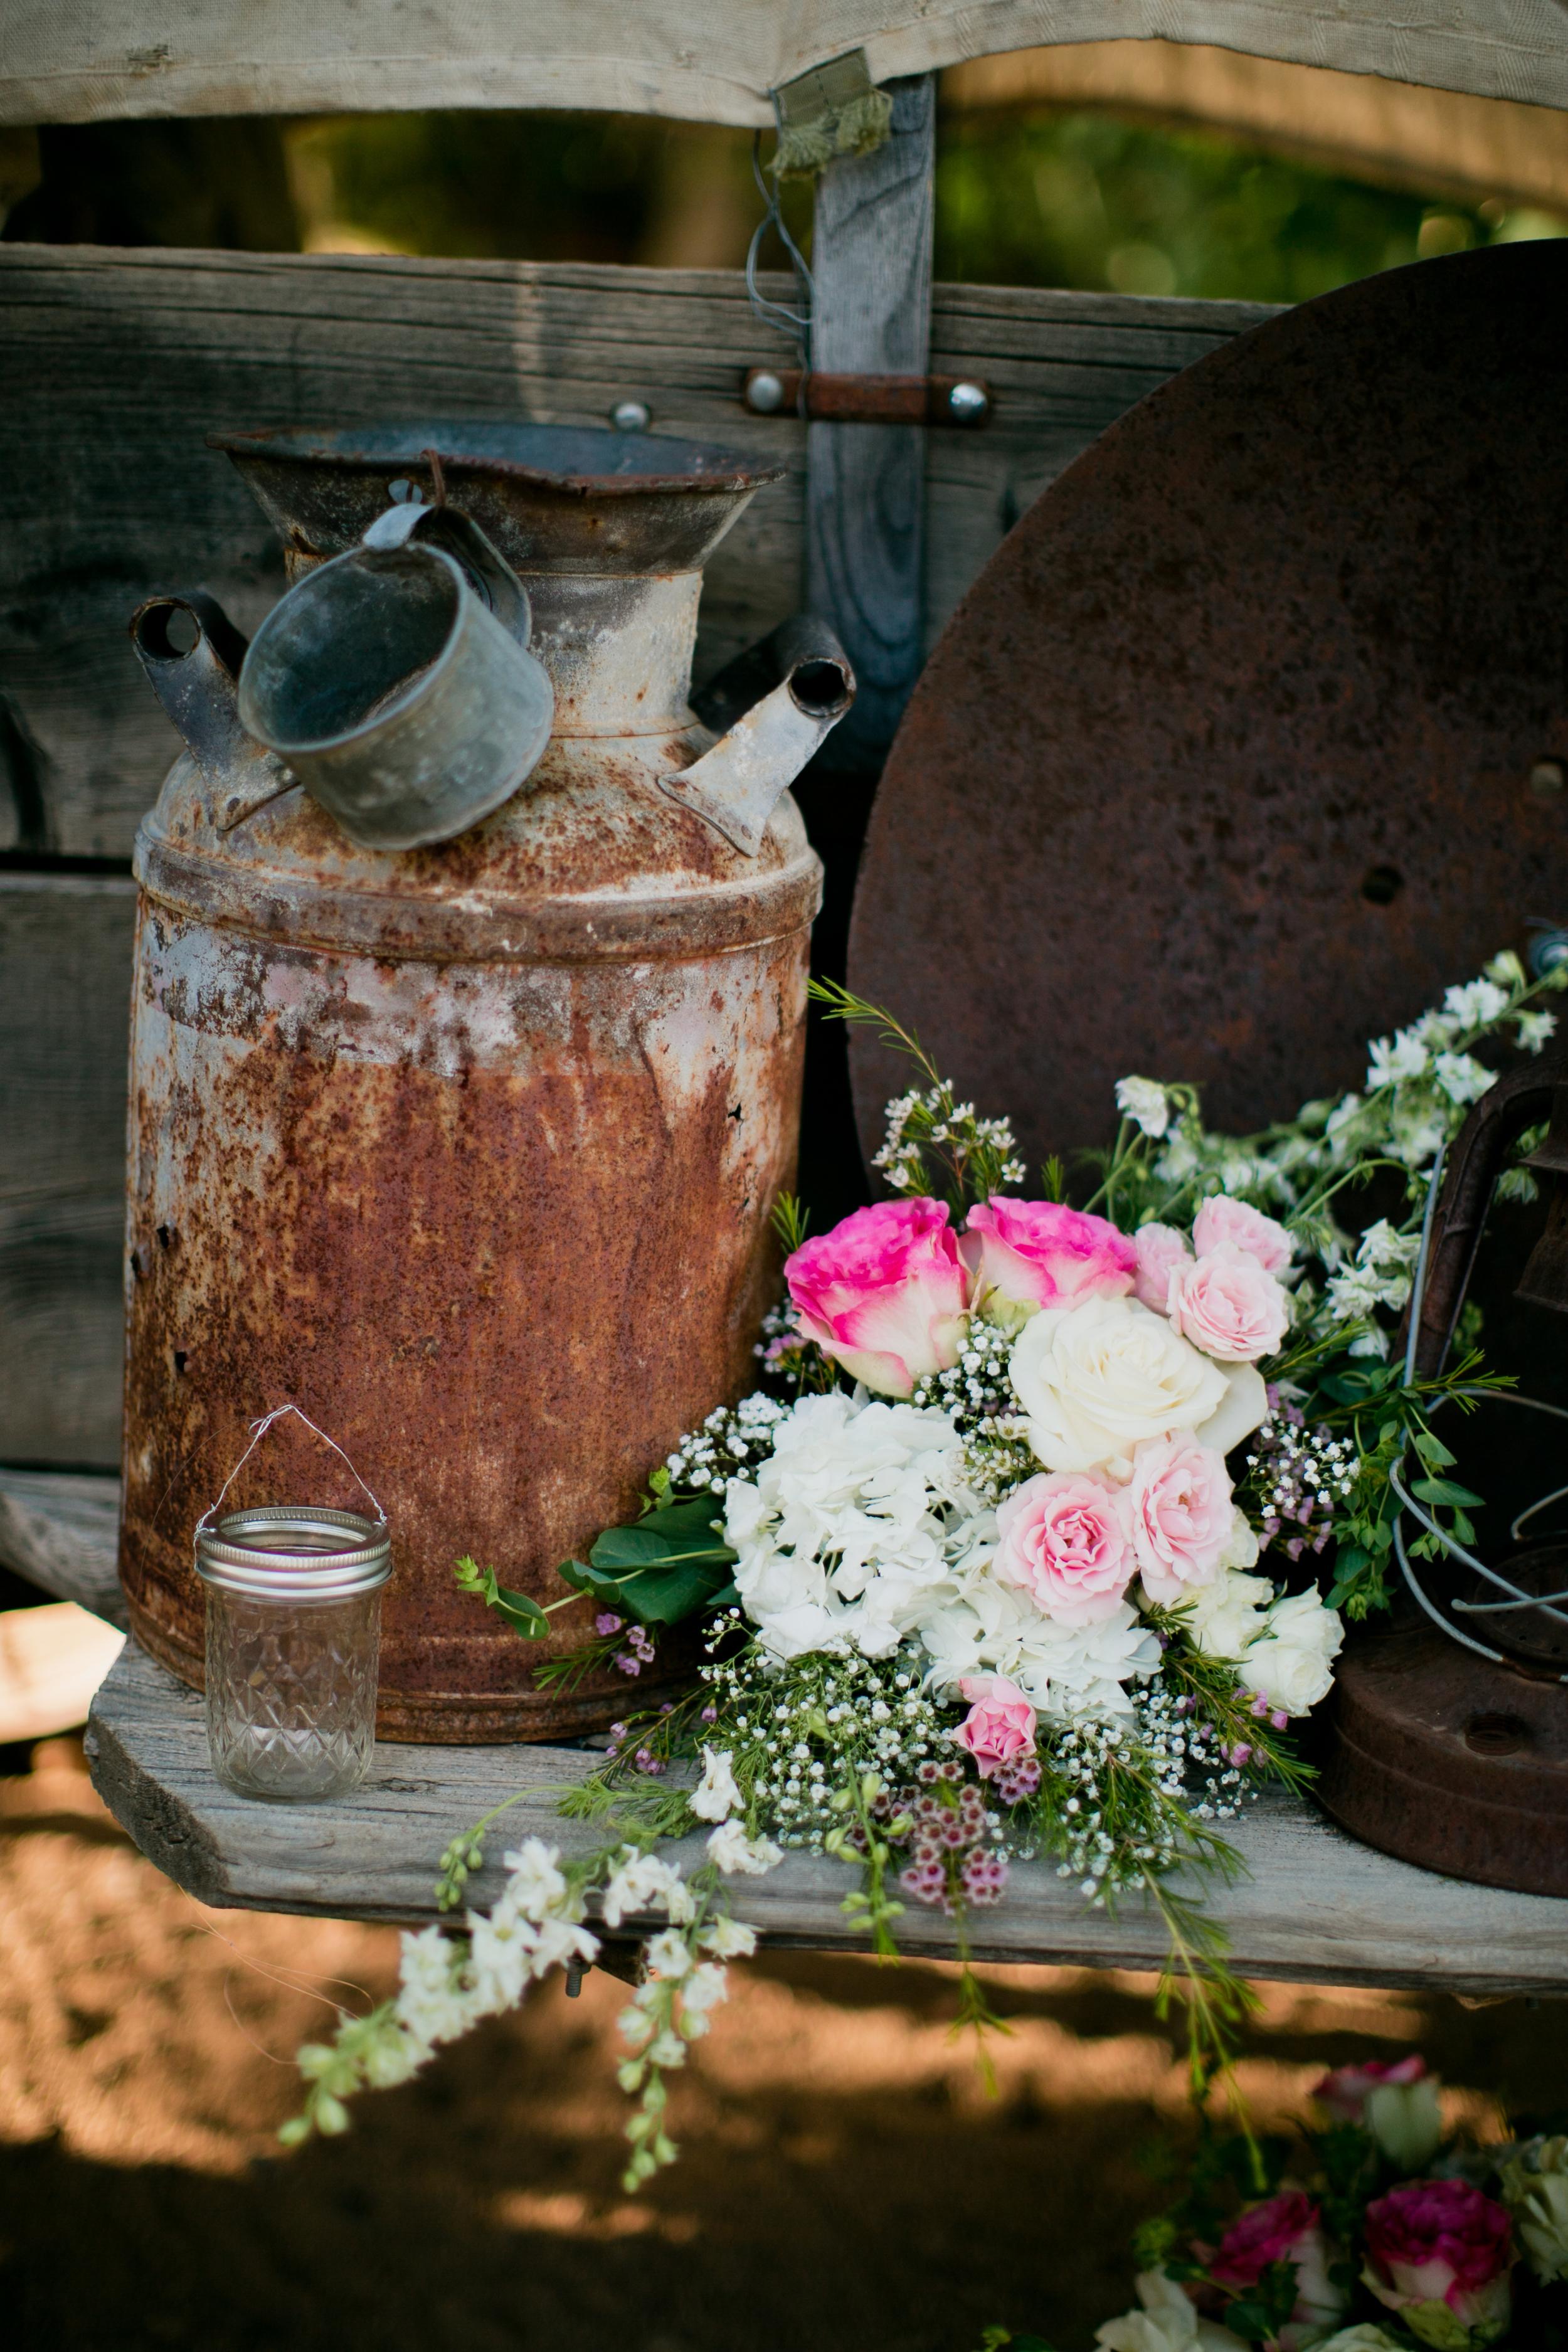 Rustic embellishments, vintage milk jug